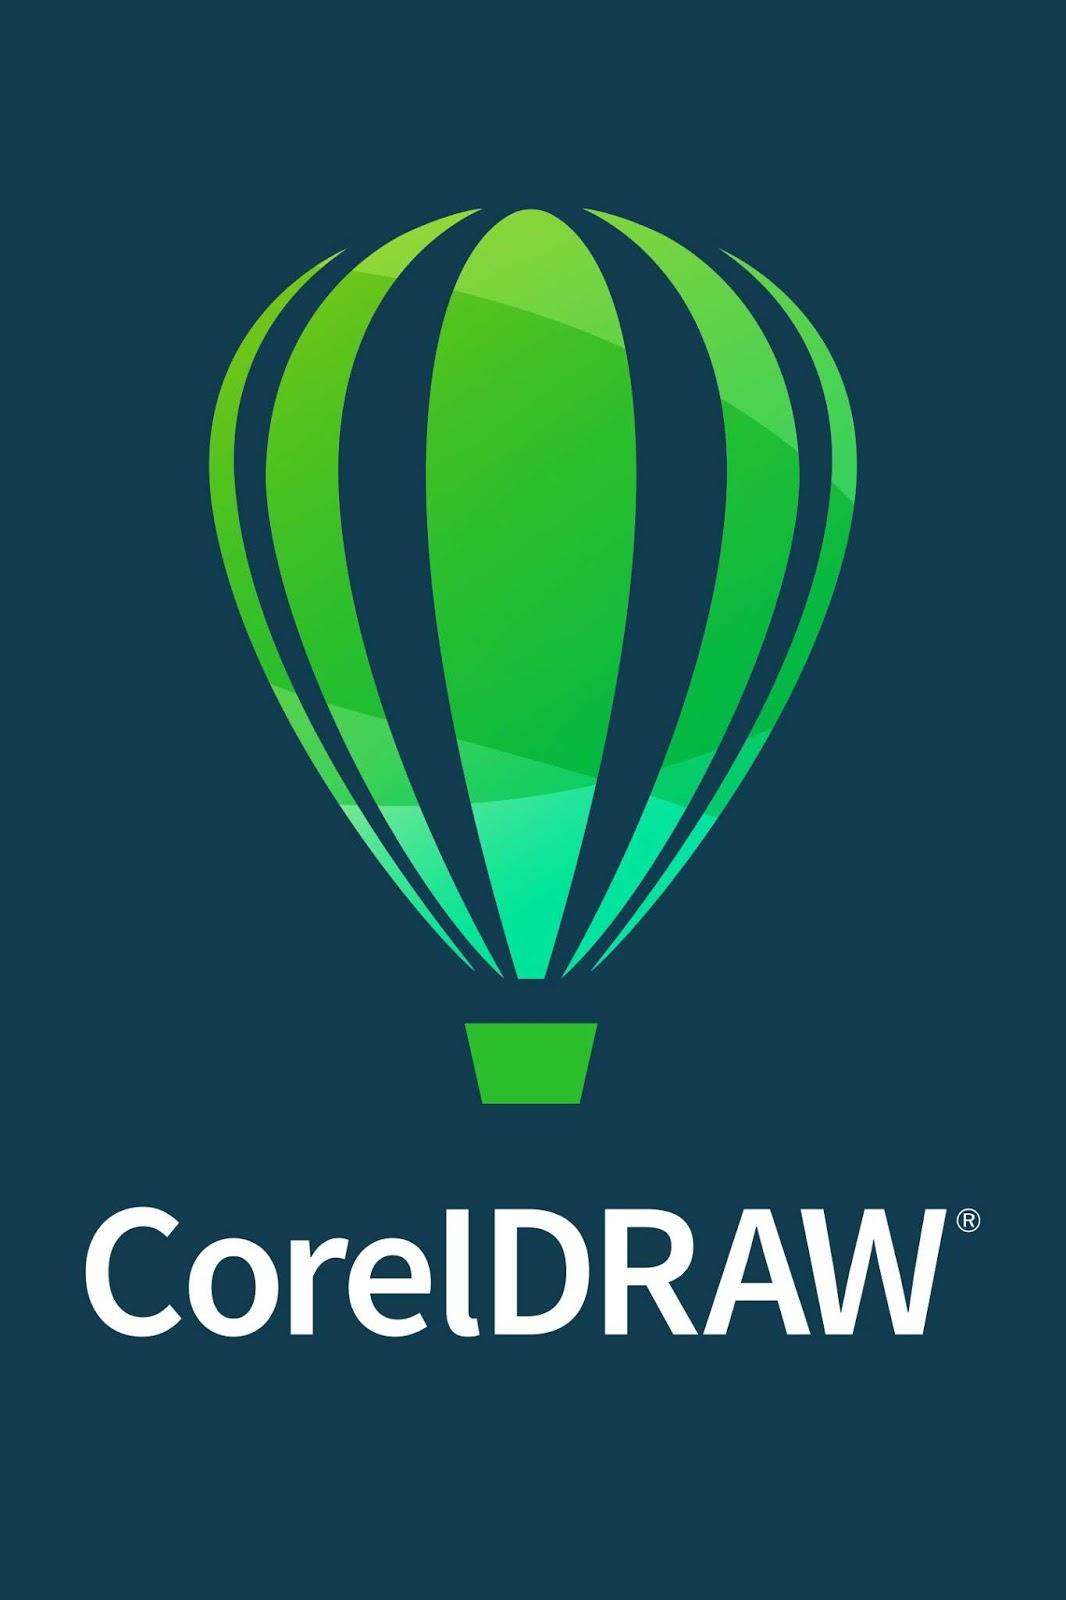 Desain Grafis Corel Draw - NamaBlog